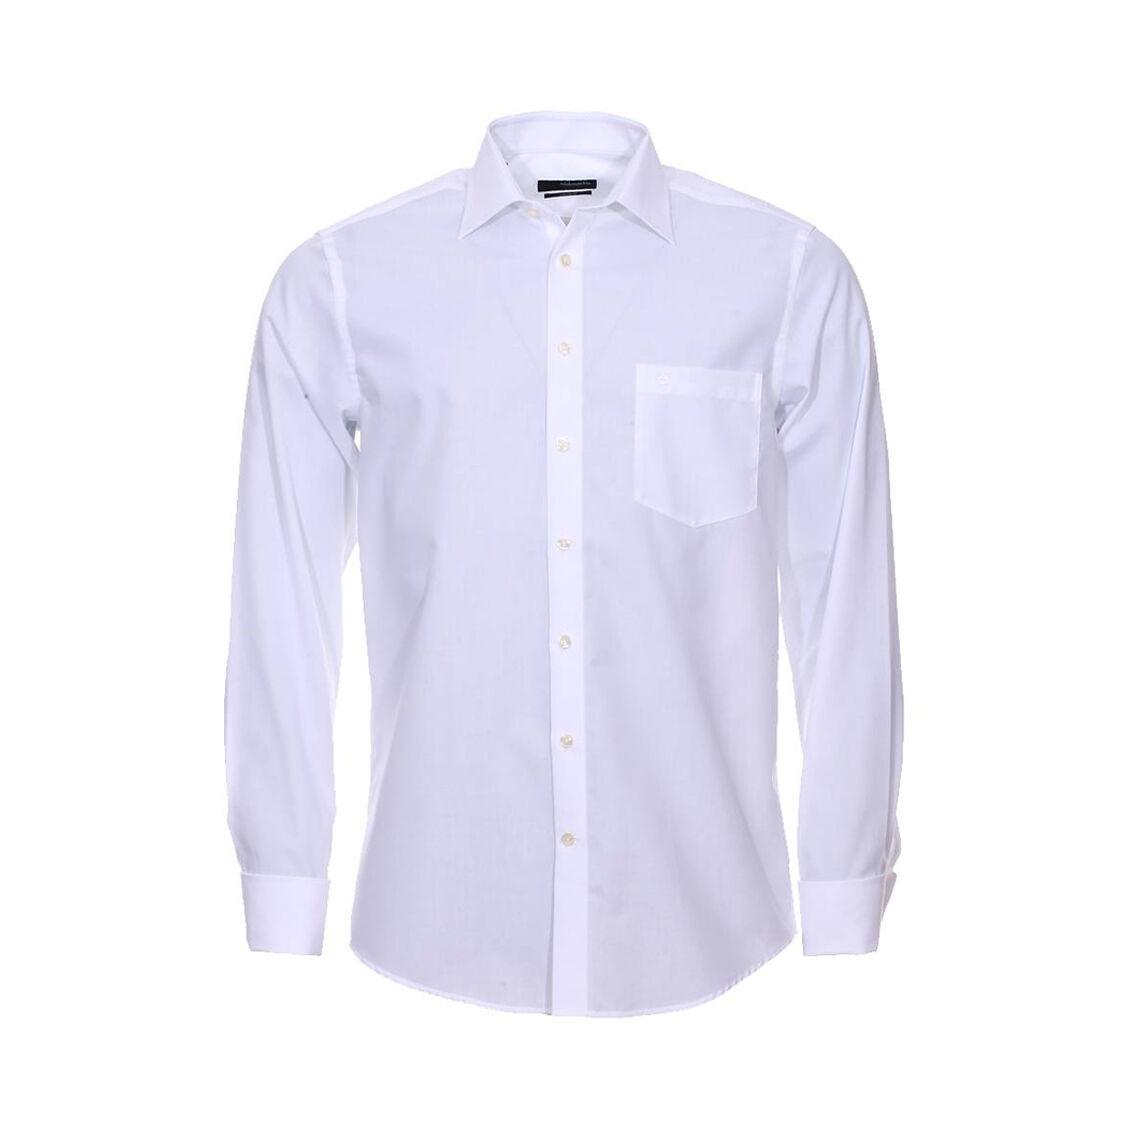 Seidensticker Chemise droite Seidensticker en coton blanc à poignets mousquetaires Sans repassage - BLANC - 44